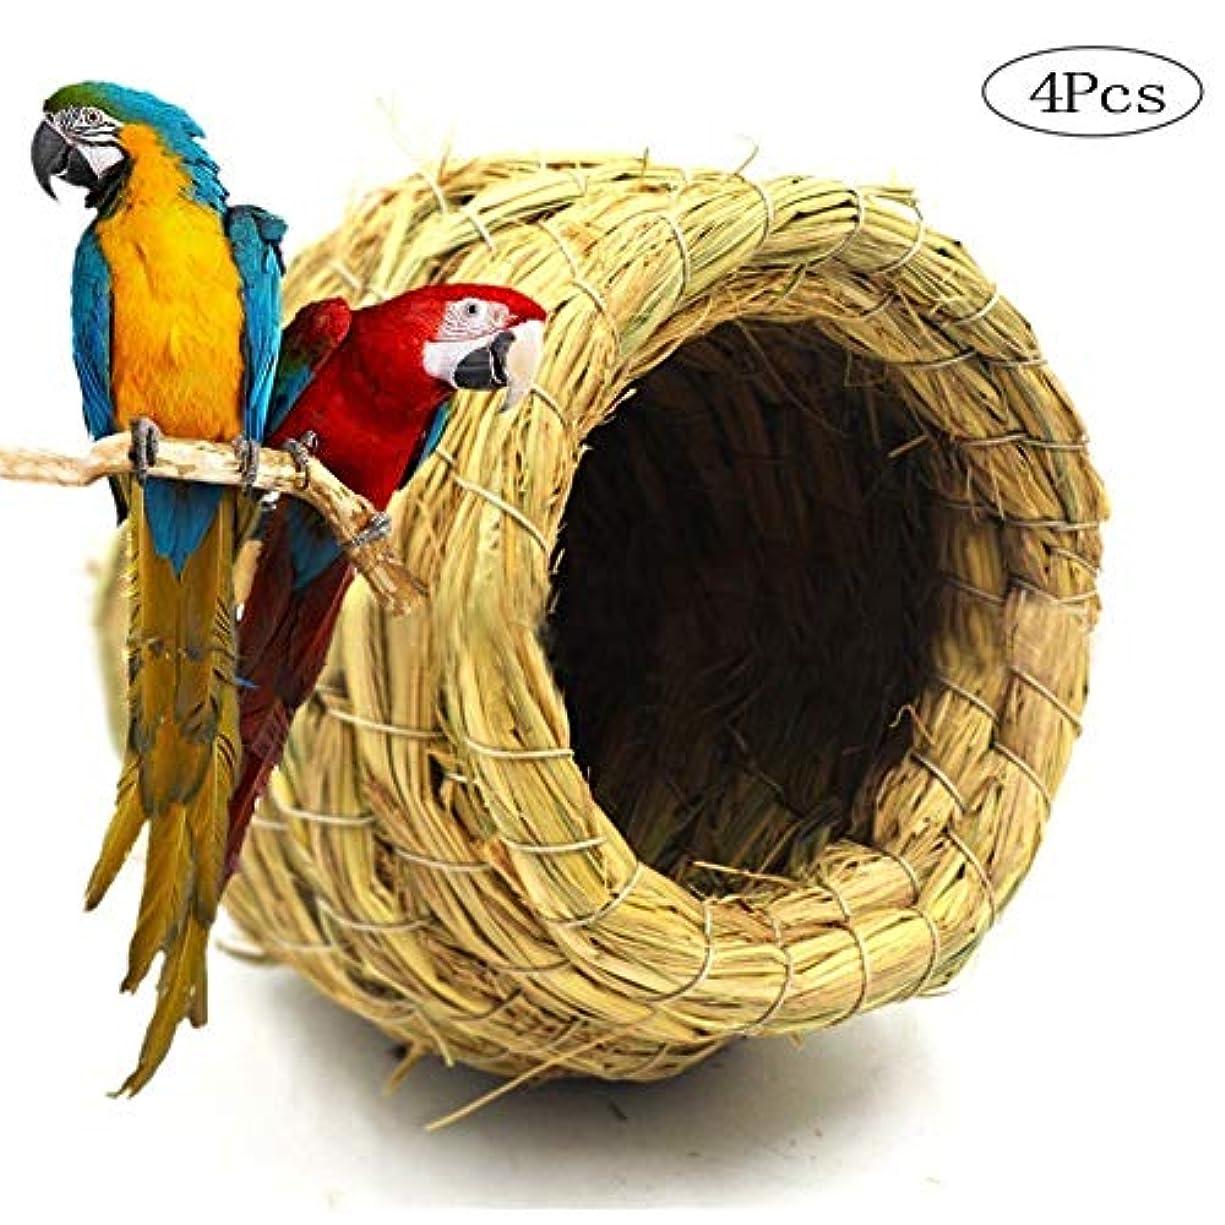 前進腐食する真向こう4個 鳥の巣 草織りの巣 鳥吊りベッド 手織りの鳥の家 オウム カナリア オカメインコ その他の鳥 用